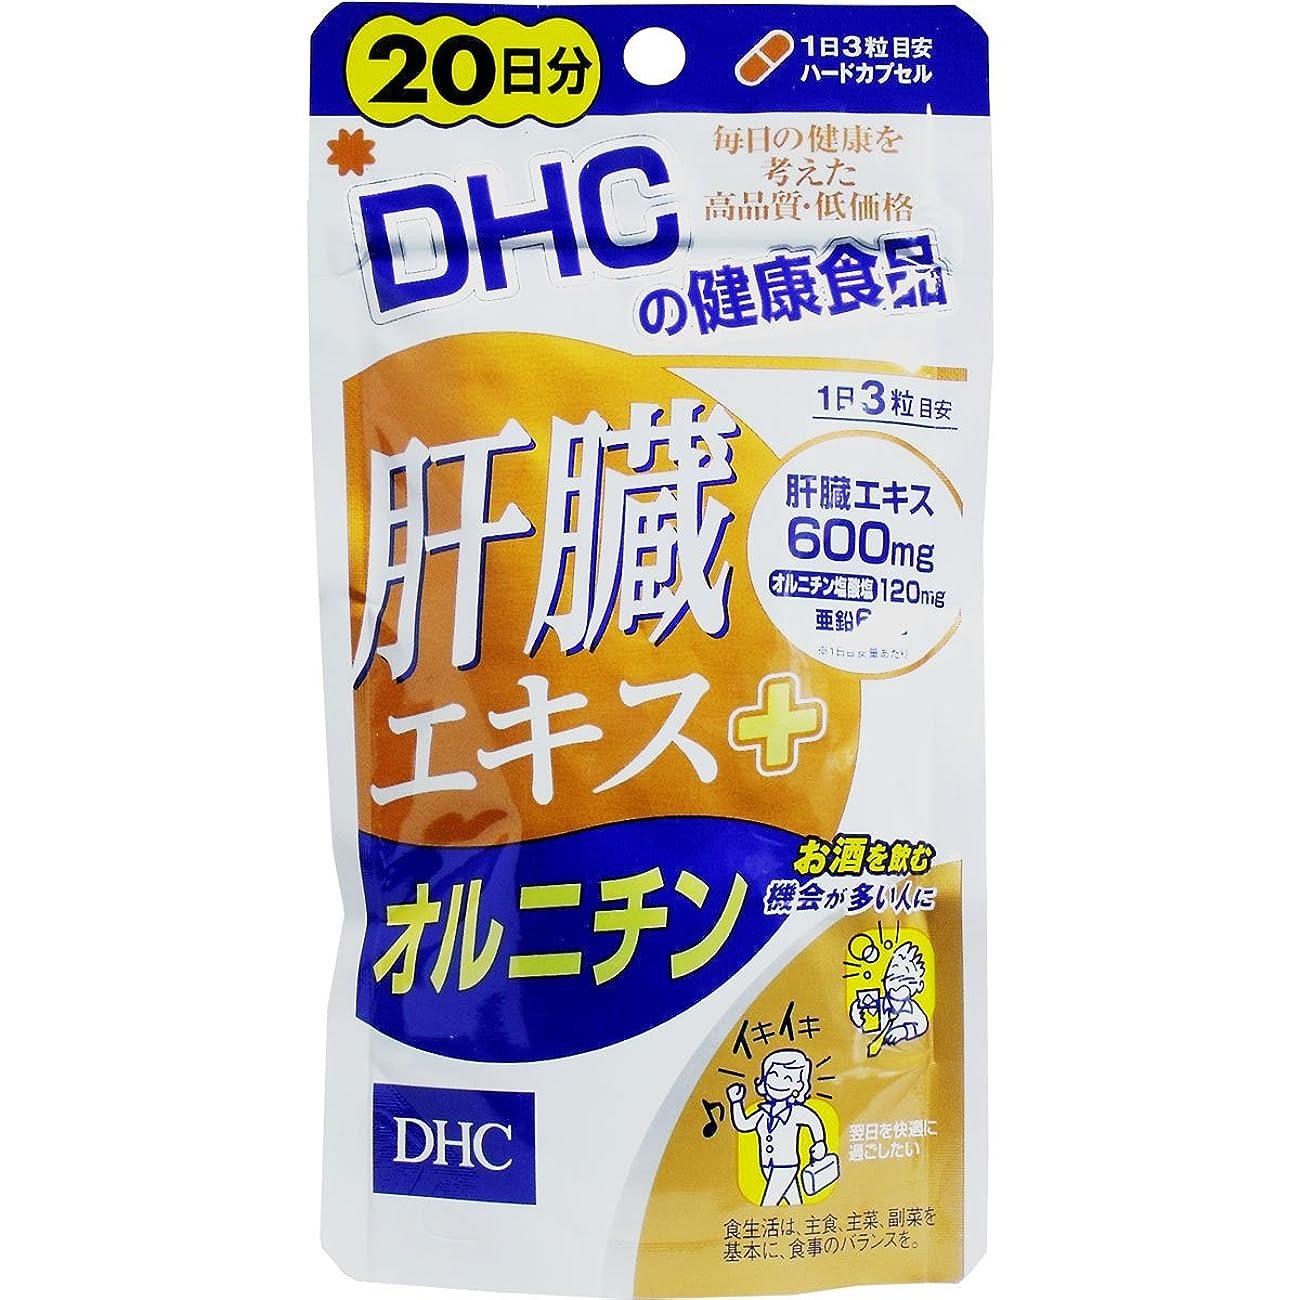 いつ締め切りコマース【DHC】肝臓エキス+オルニチン 20日 60粒 ×10個セット